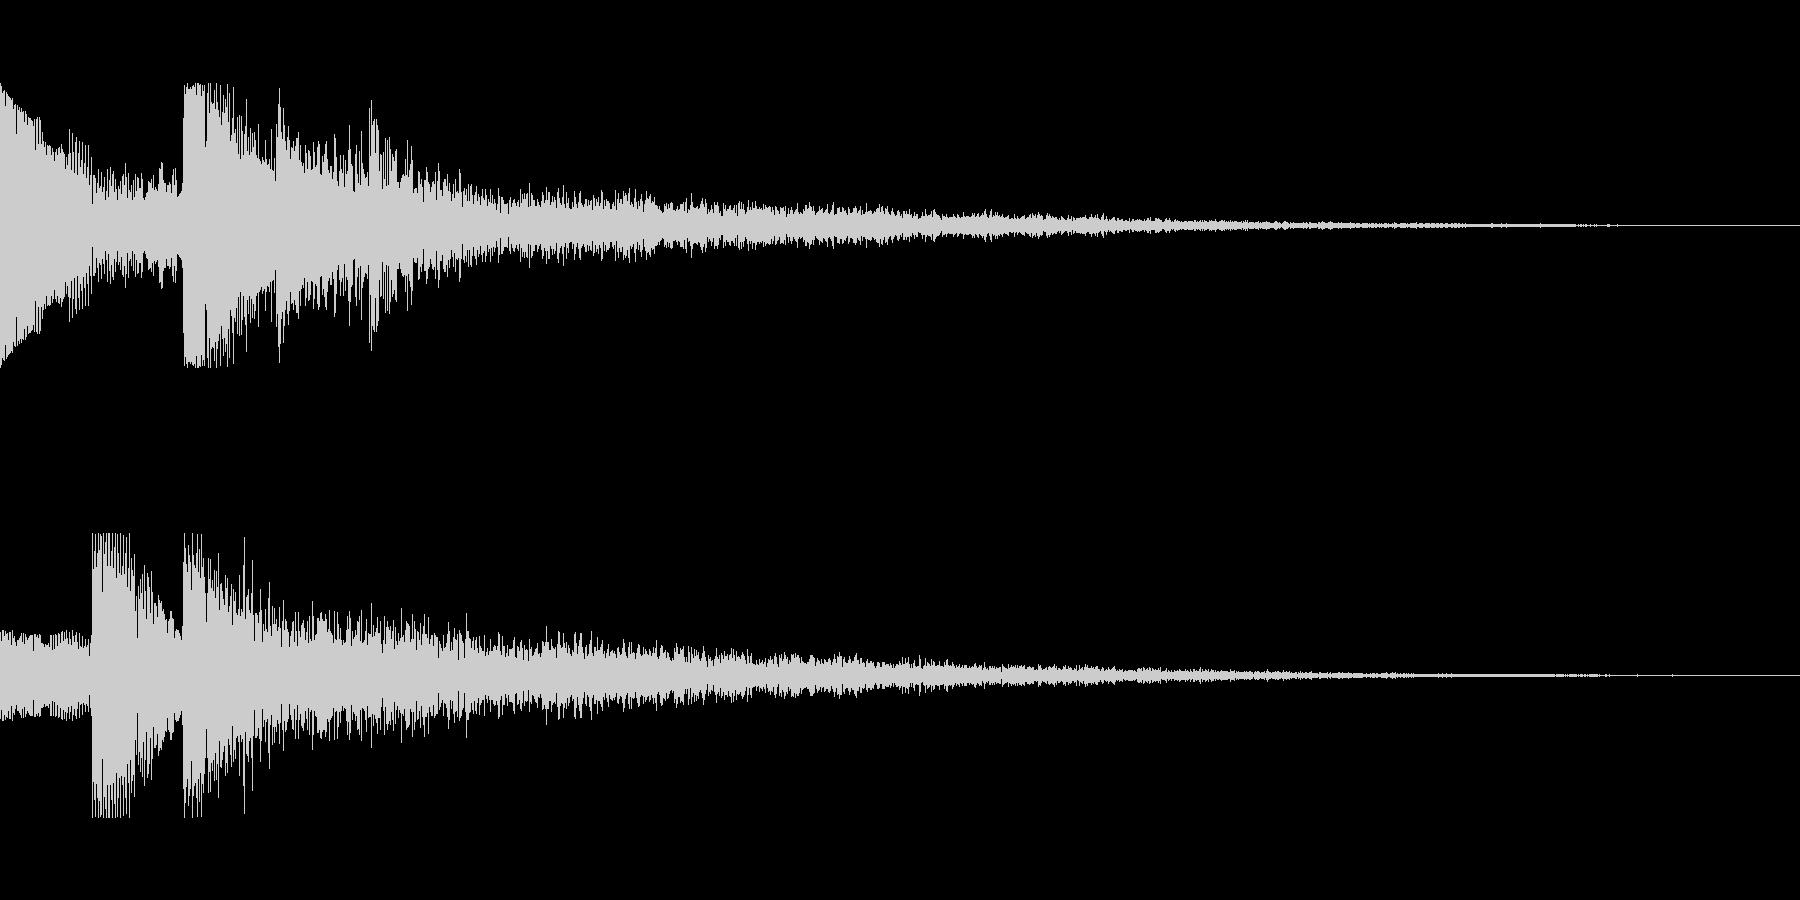 [ピロリン]スキル獲得(可愛く軽やか)の未再生の波形